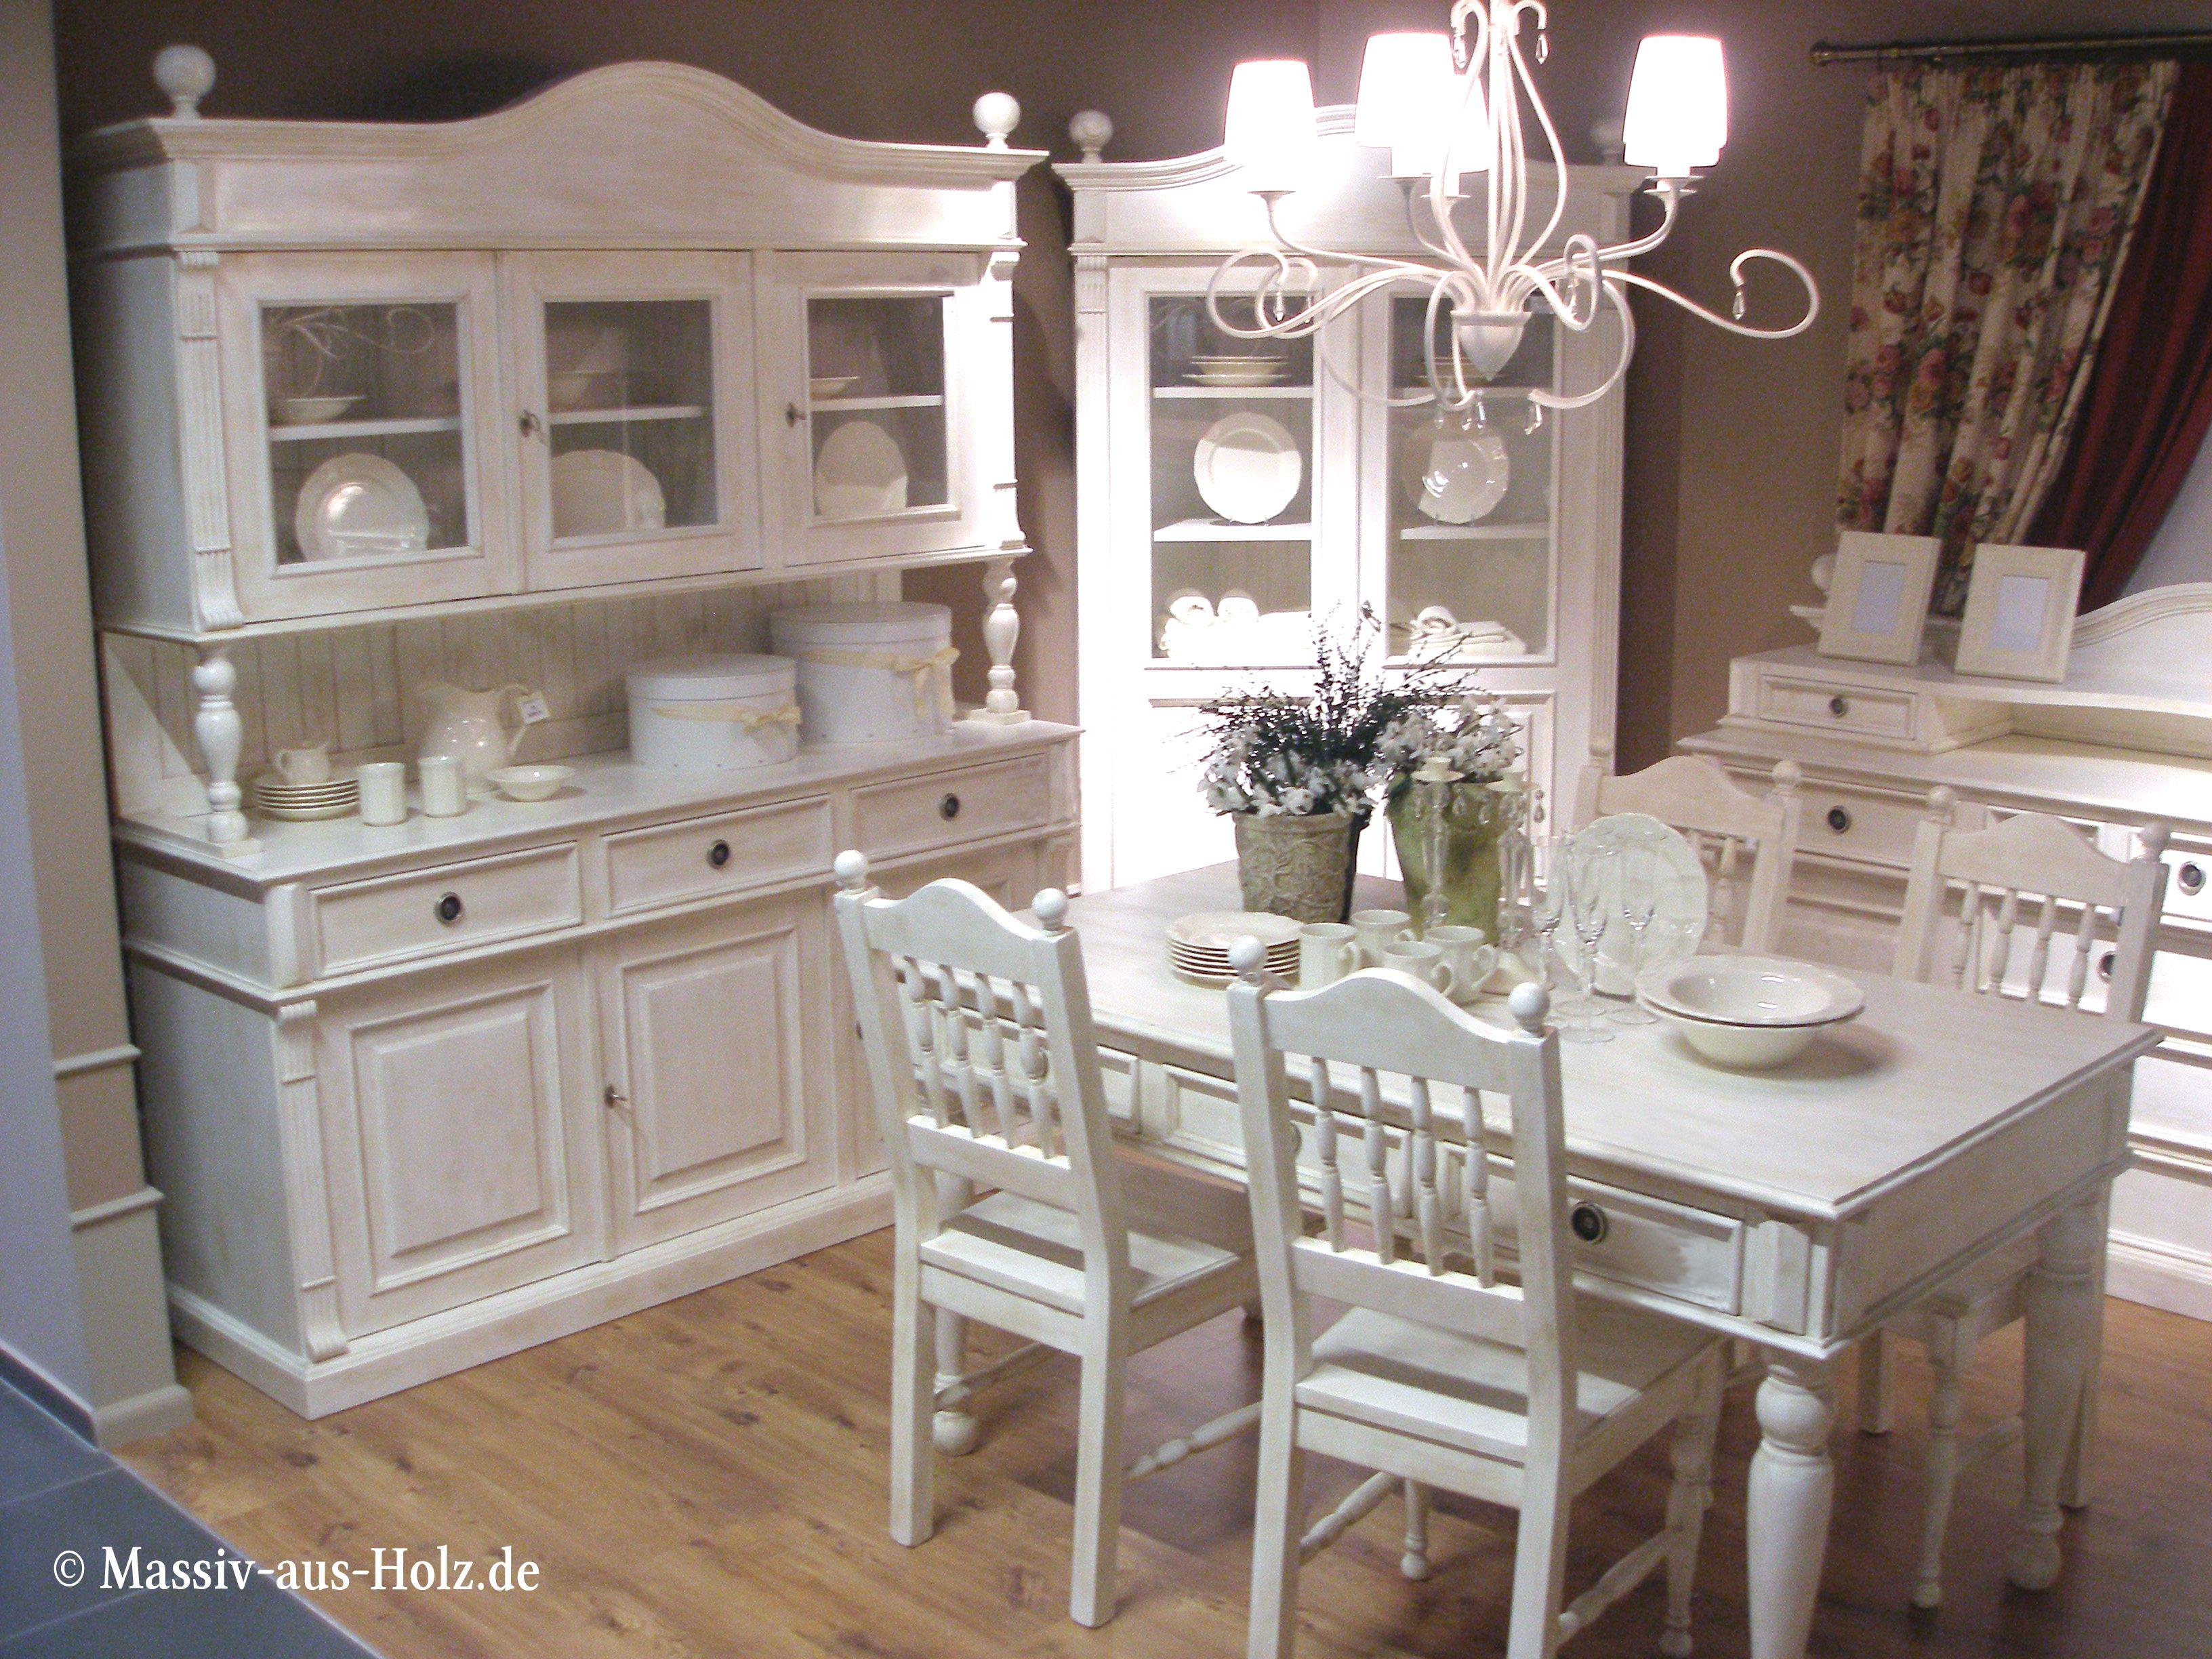 Esszimmerschrank design  Lieblingsmöbel für Esszimmer www.massiv-aus-holz.de #furniture ...